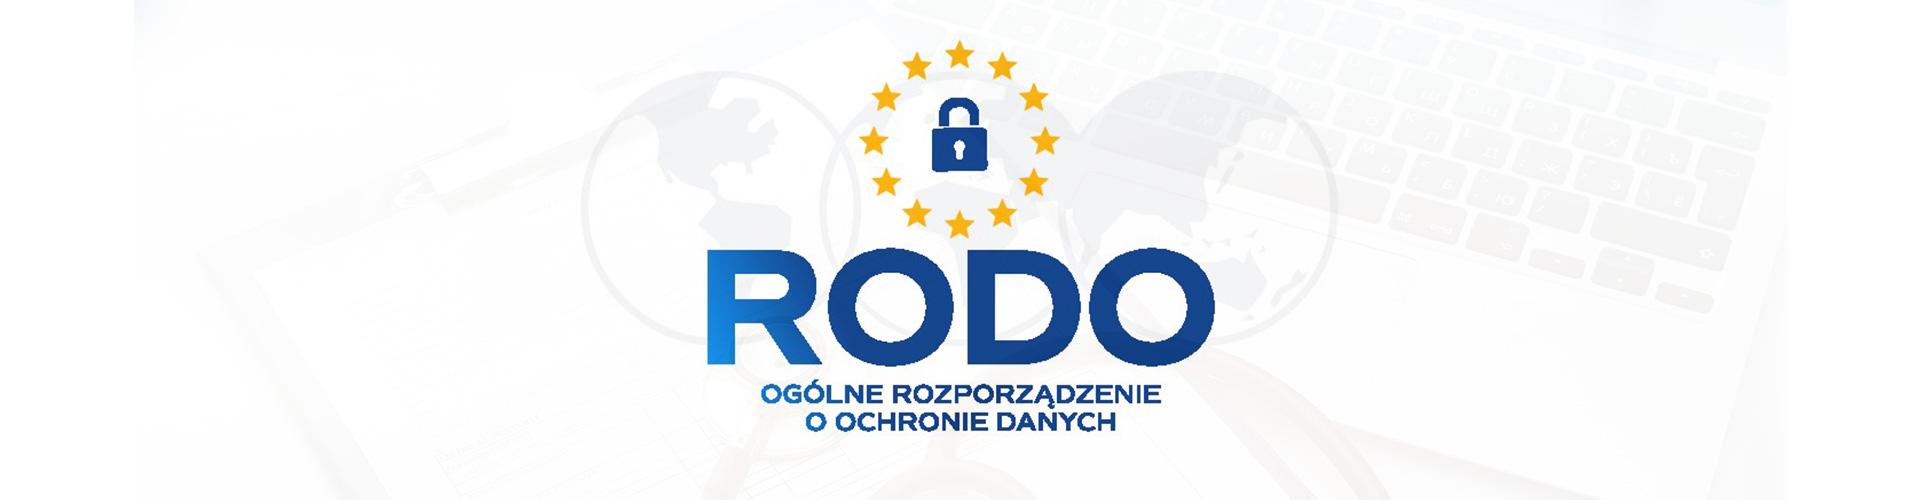 odomed_rodo